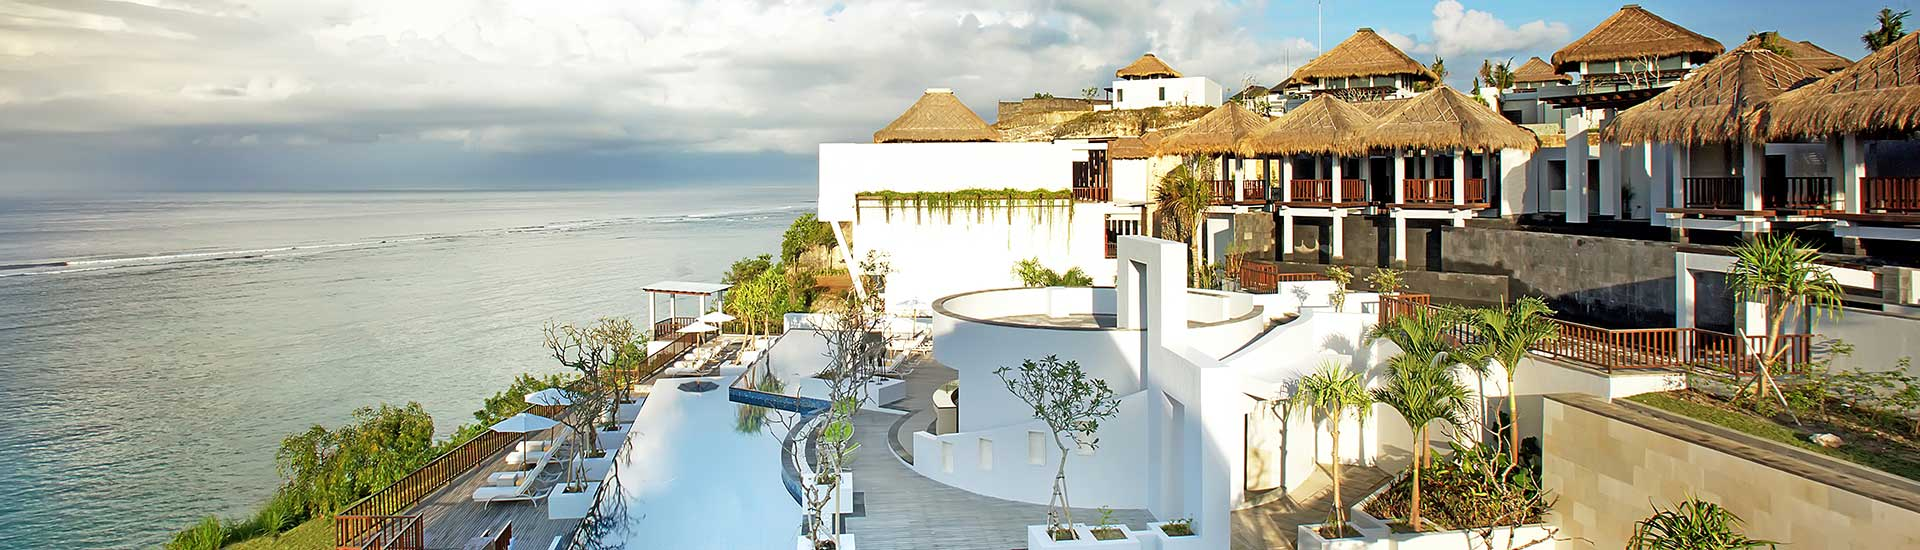 Lowongan Spa Therapist DW Samabe Bali Suites & Villas